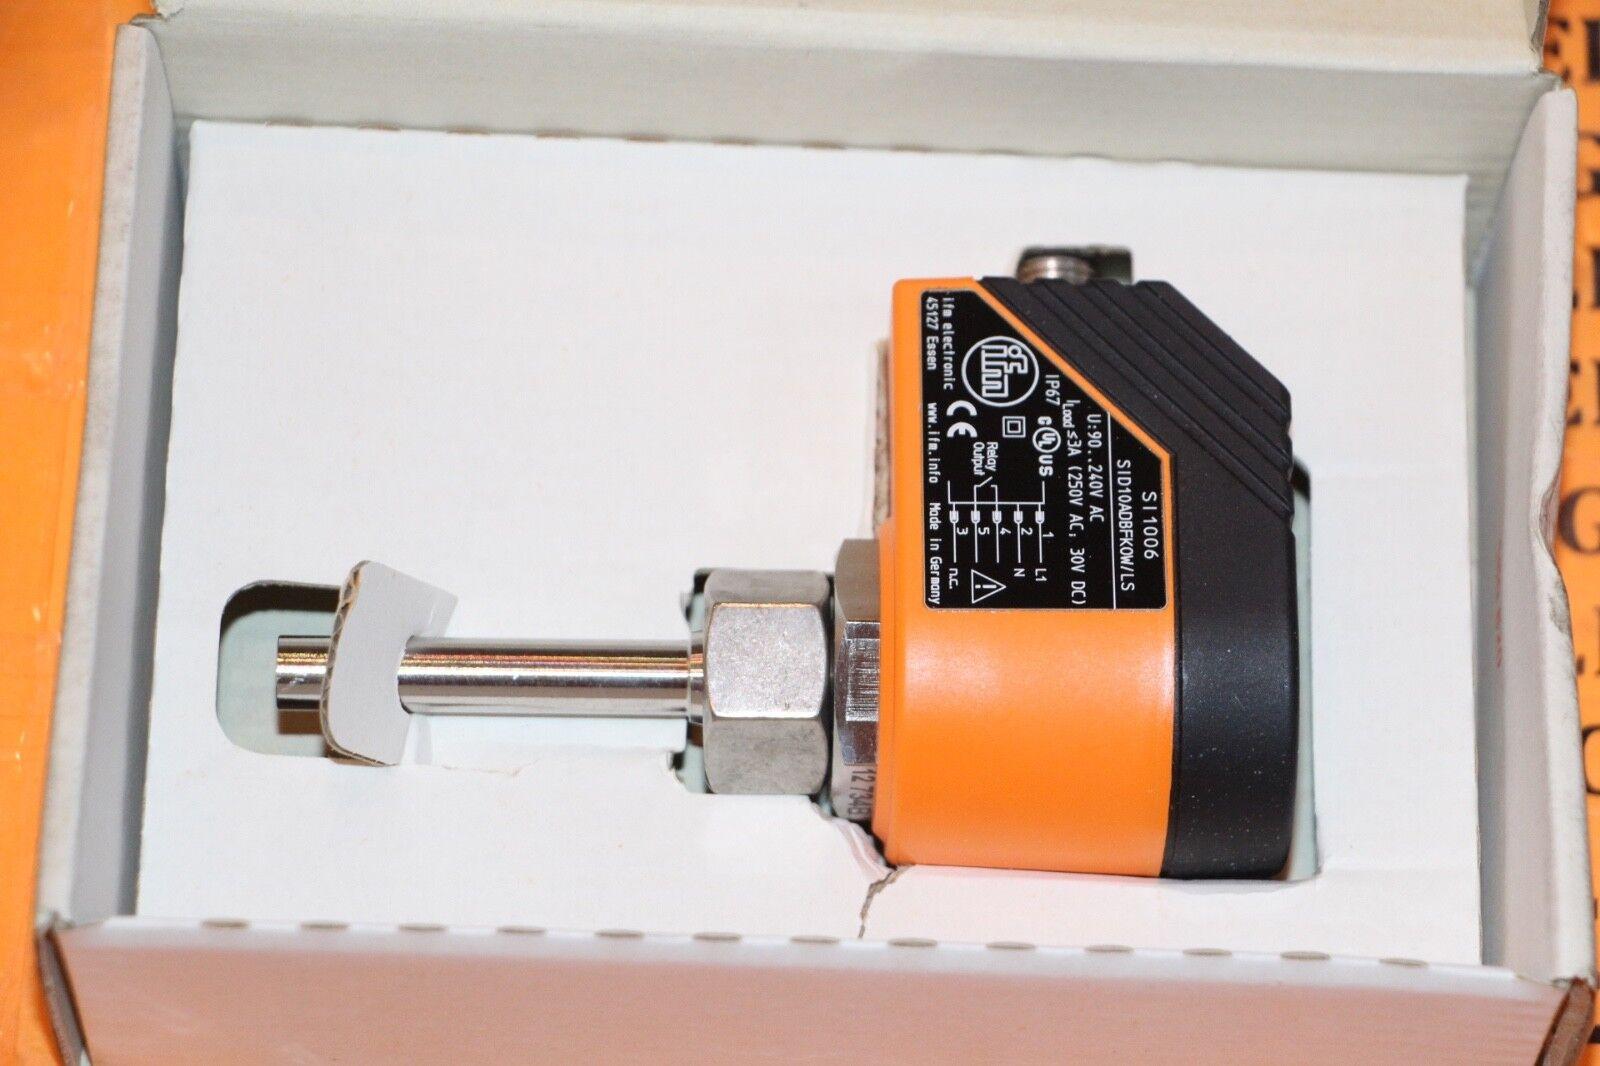 Ifm efector monitor 300 SI1006 monitor efector de flujo Sid 10 adbfkow/LS-100-IRF Nuevo 53878e